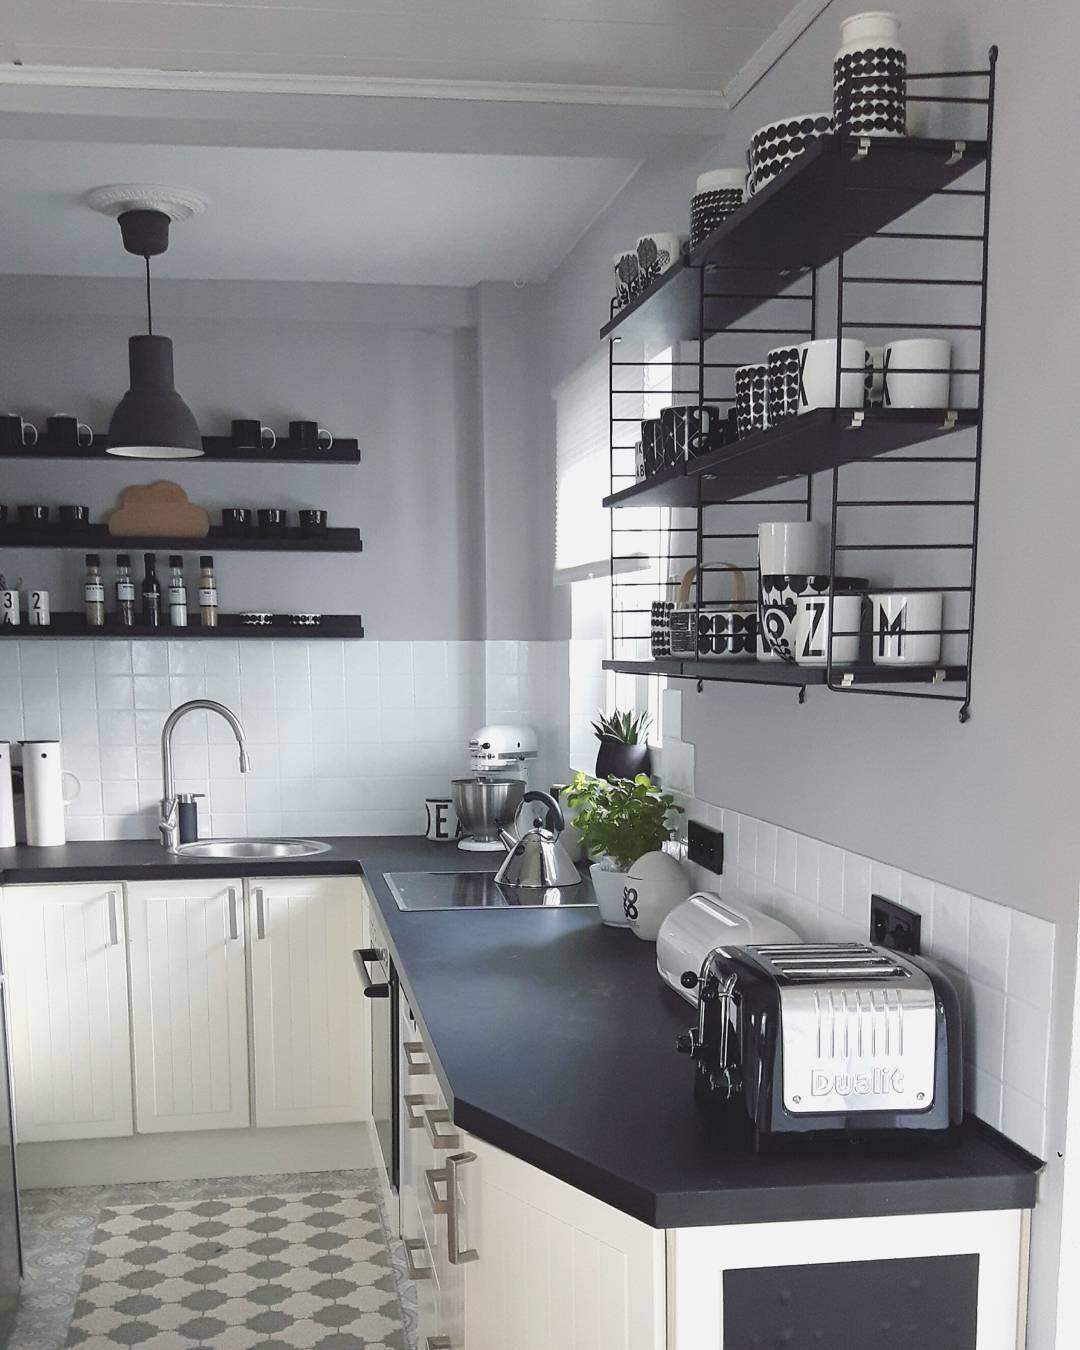 Becher M | Küche | Pinterest | Küche schwarz, Buchstaben und Becher